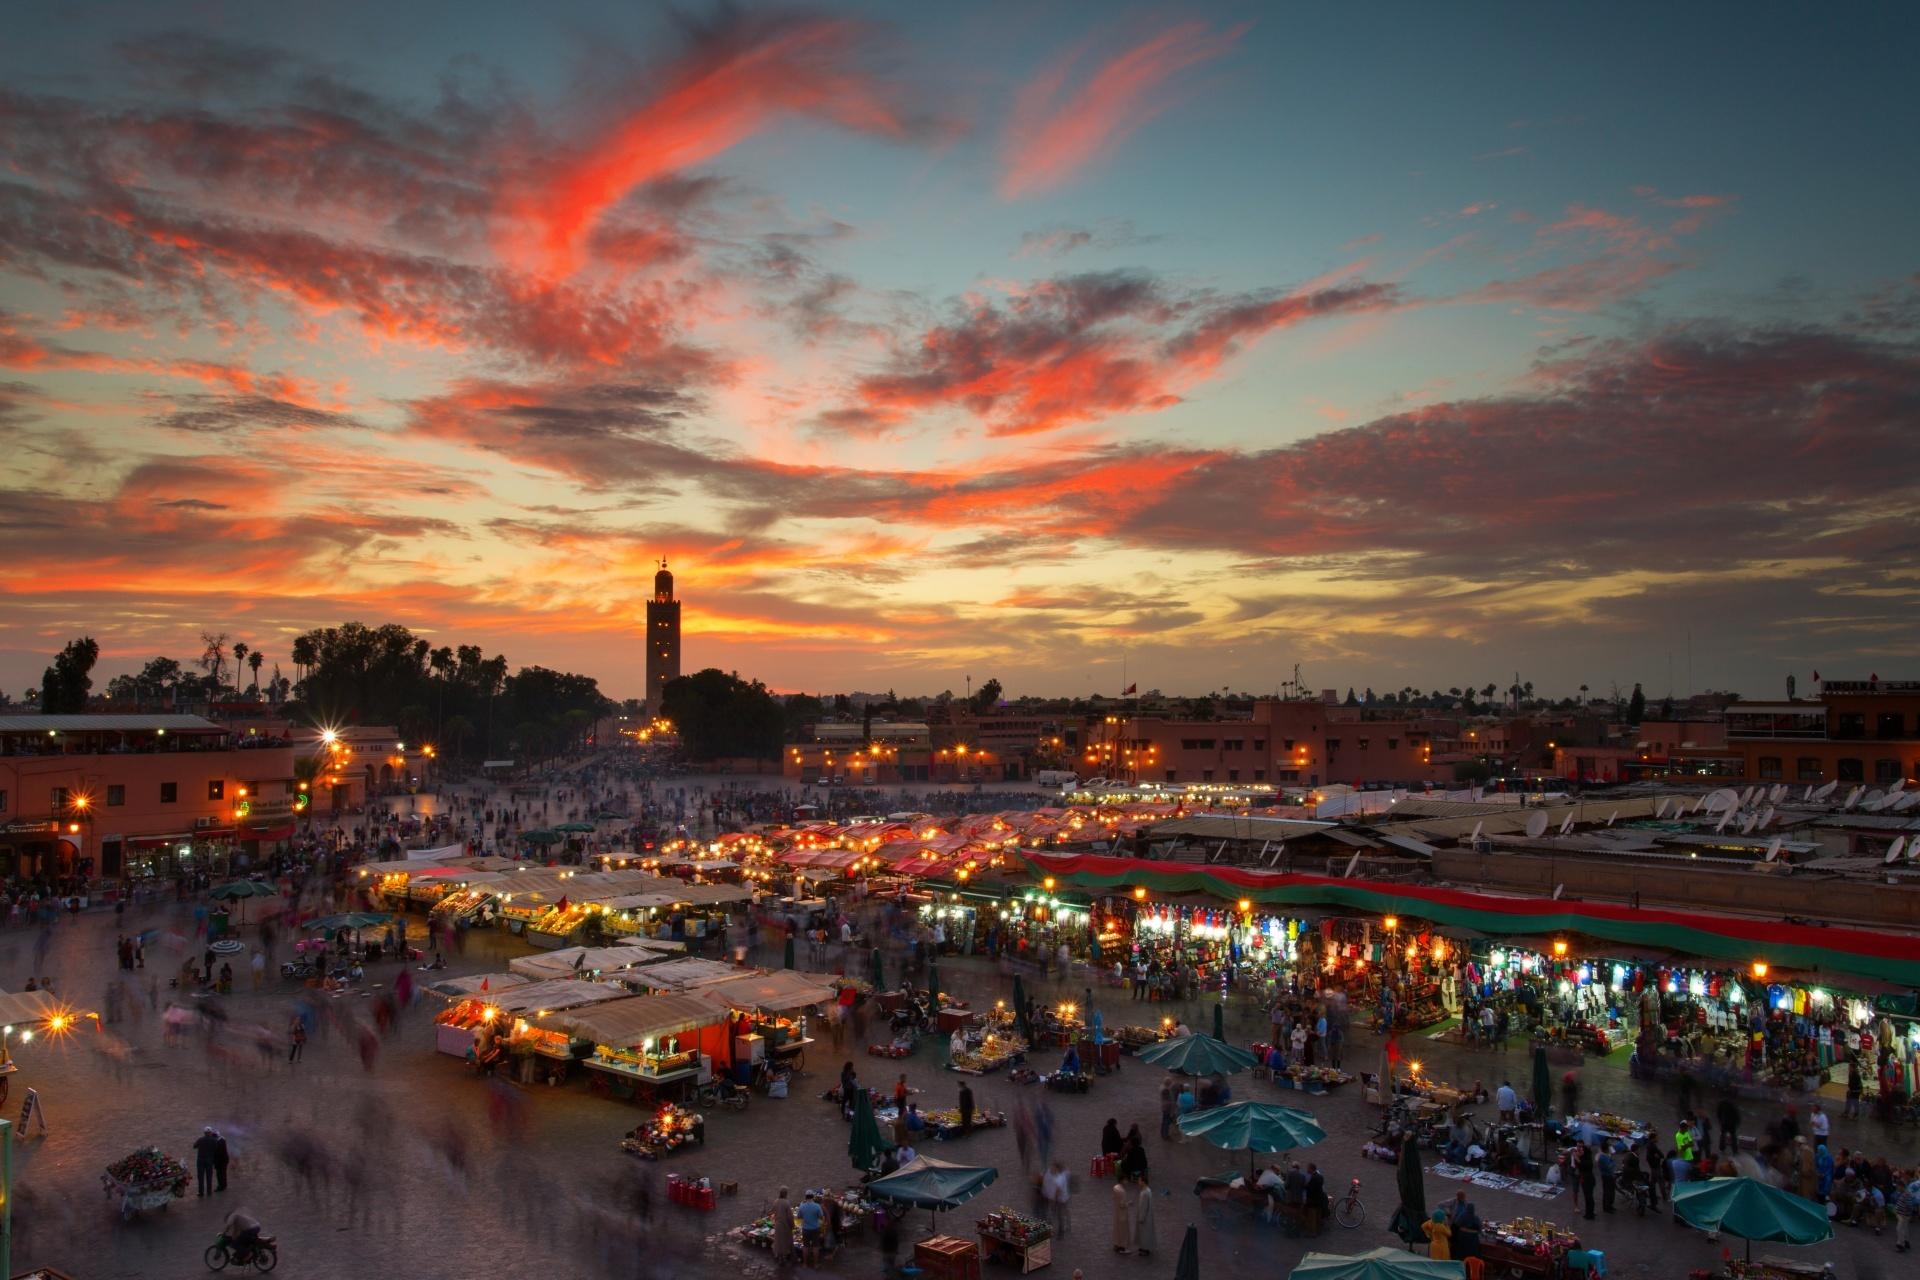 ジャマ・エル・フナ広場の風景 モロッコの風景